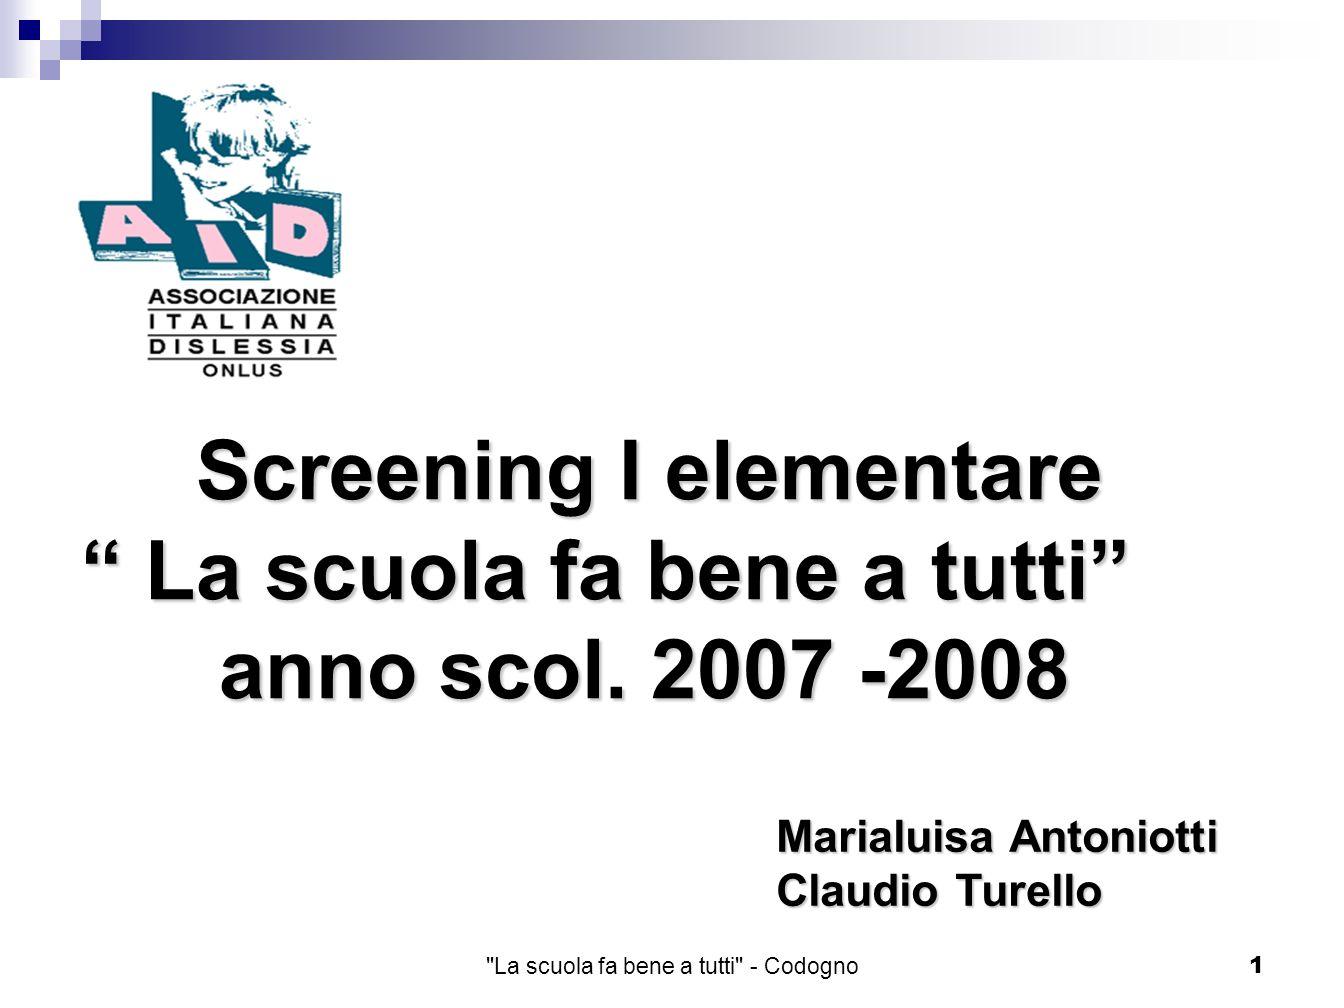 La scuola fa bene a tutti - Codogno1 Screening I elementare Screening I elementare La scuola fa bene a tutti La scuola fa bene a tutti anno scol.